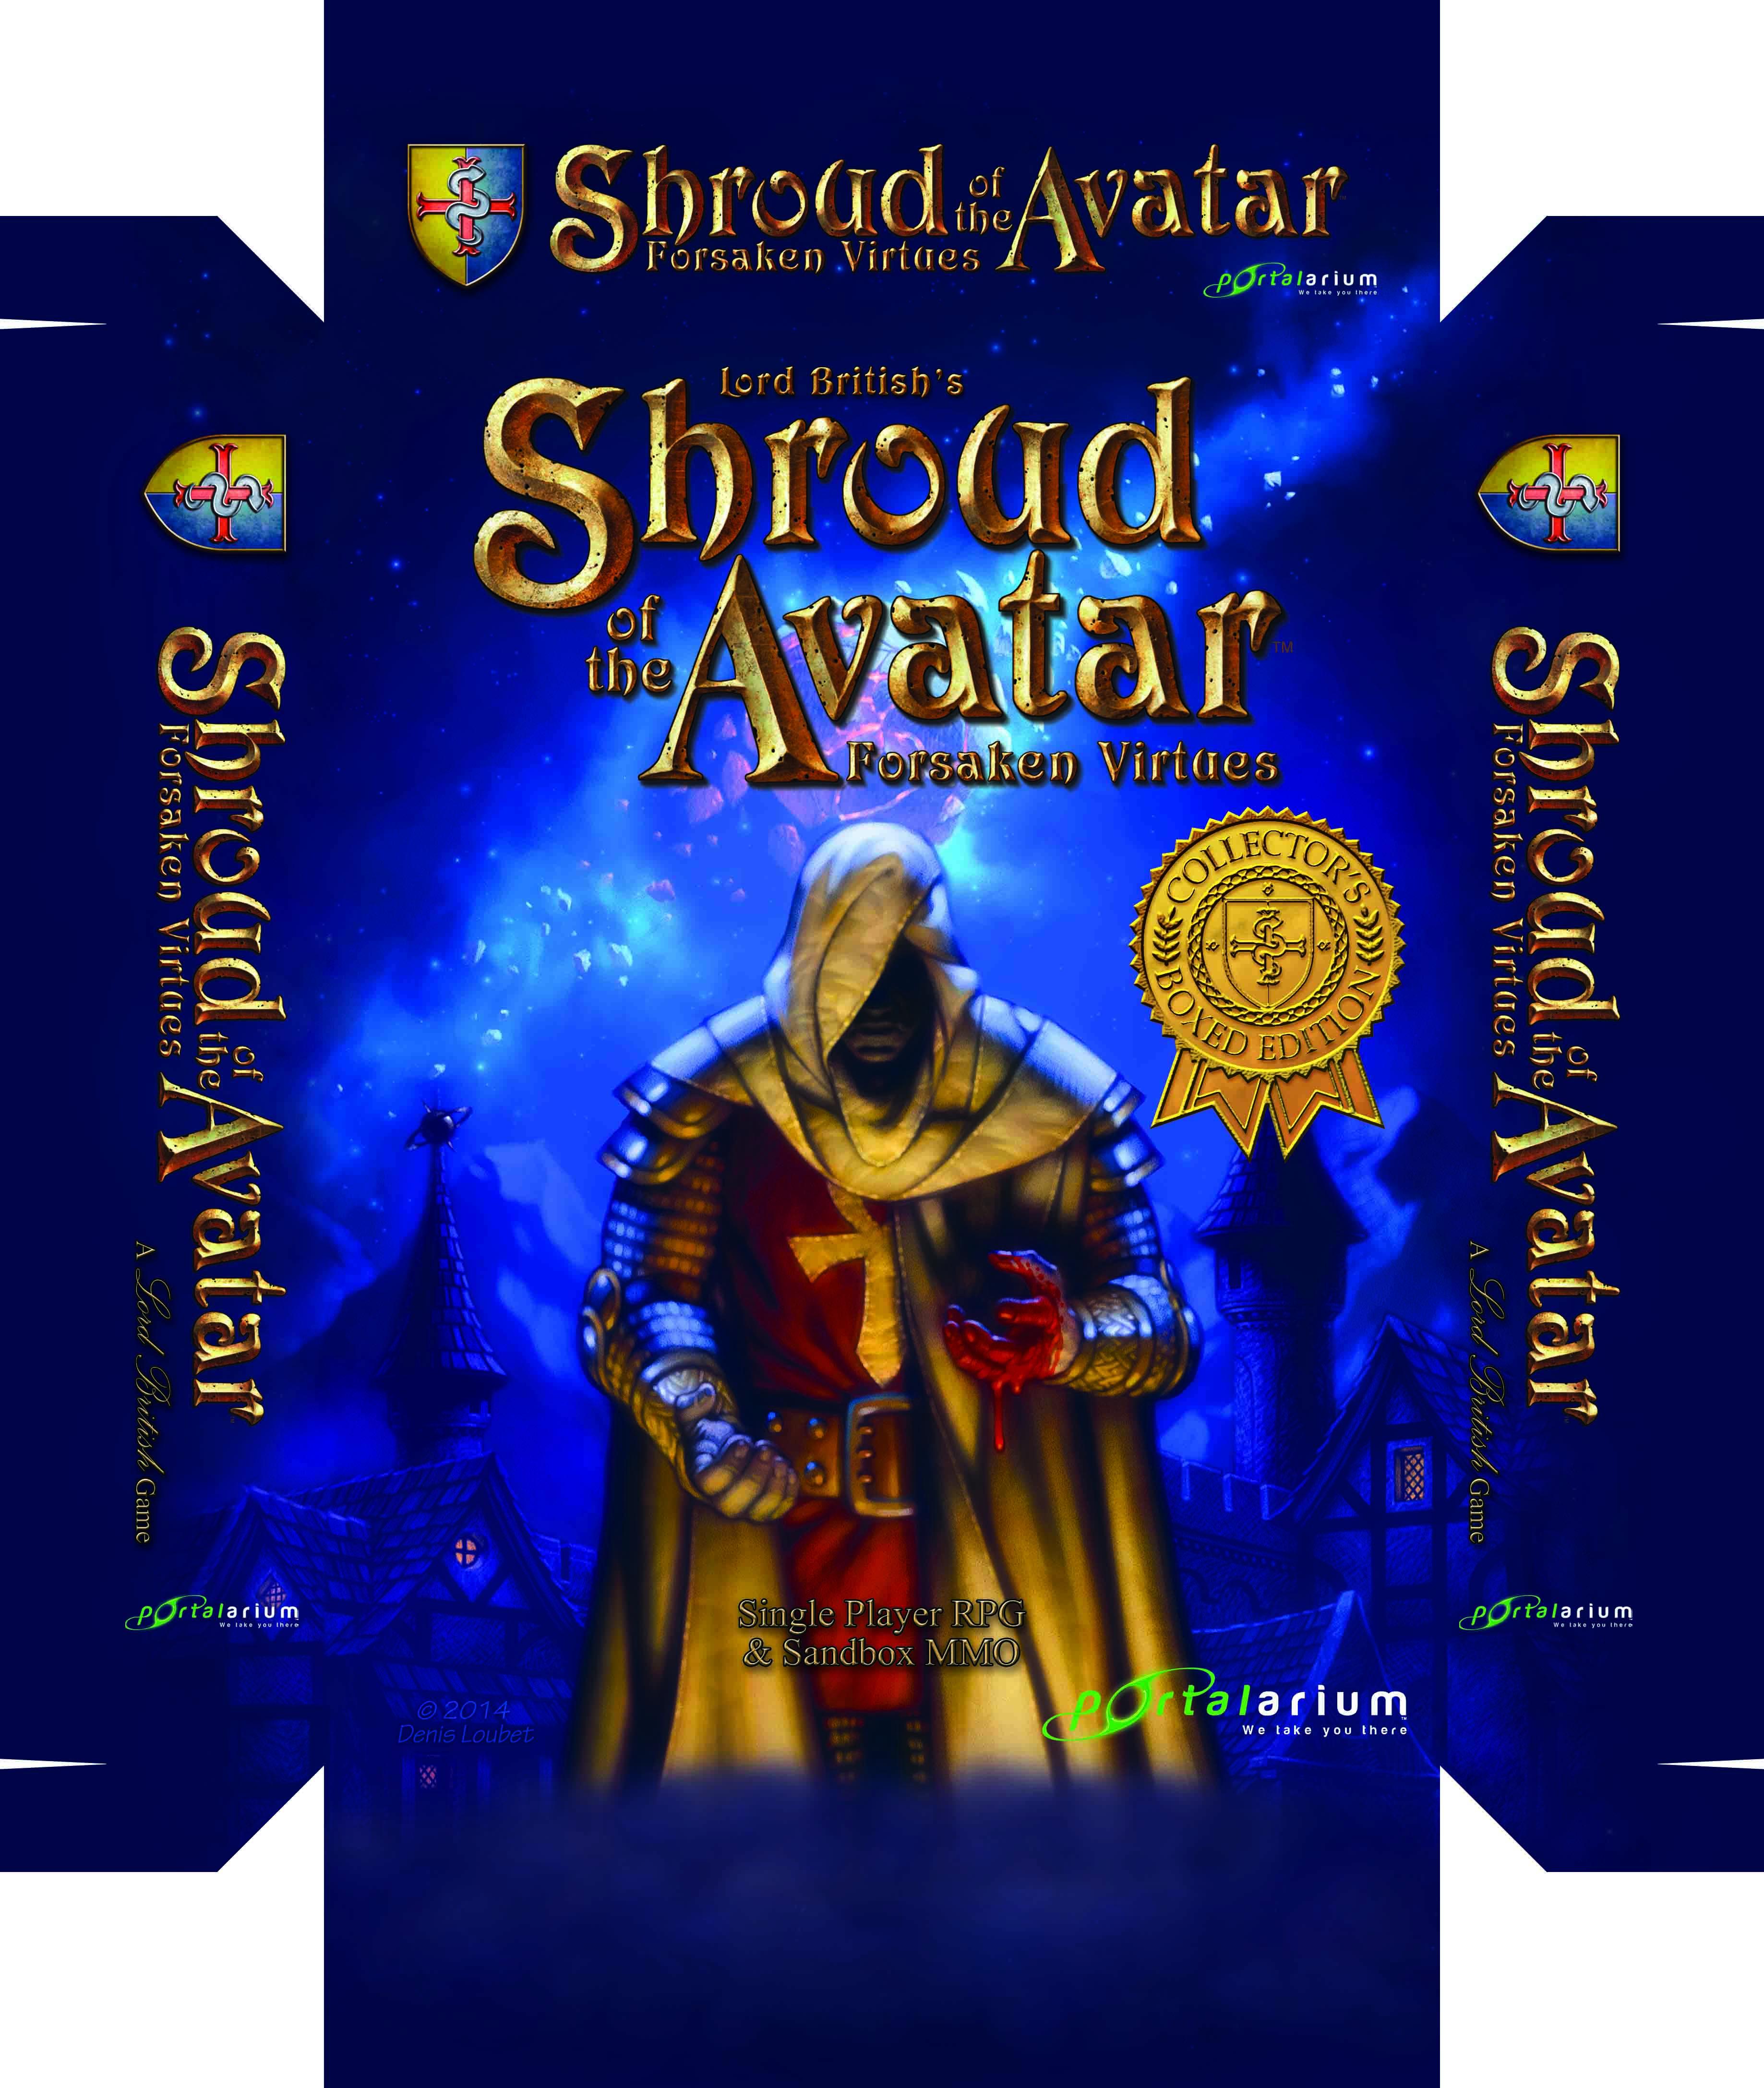 Avatar 2 Official Trailer 2014: Shroud Of The Avatar: Forsaken Virtues Immer Aktuell